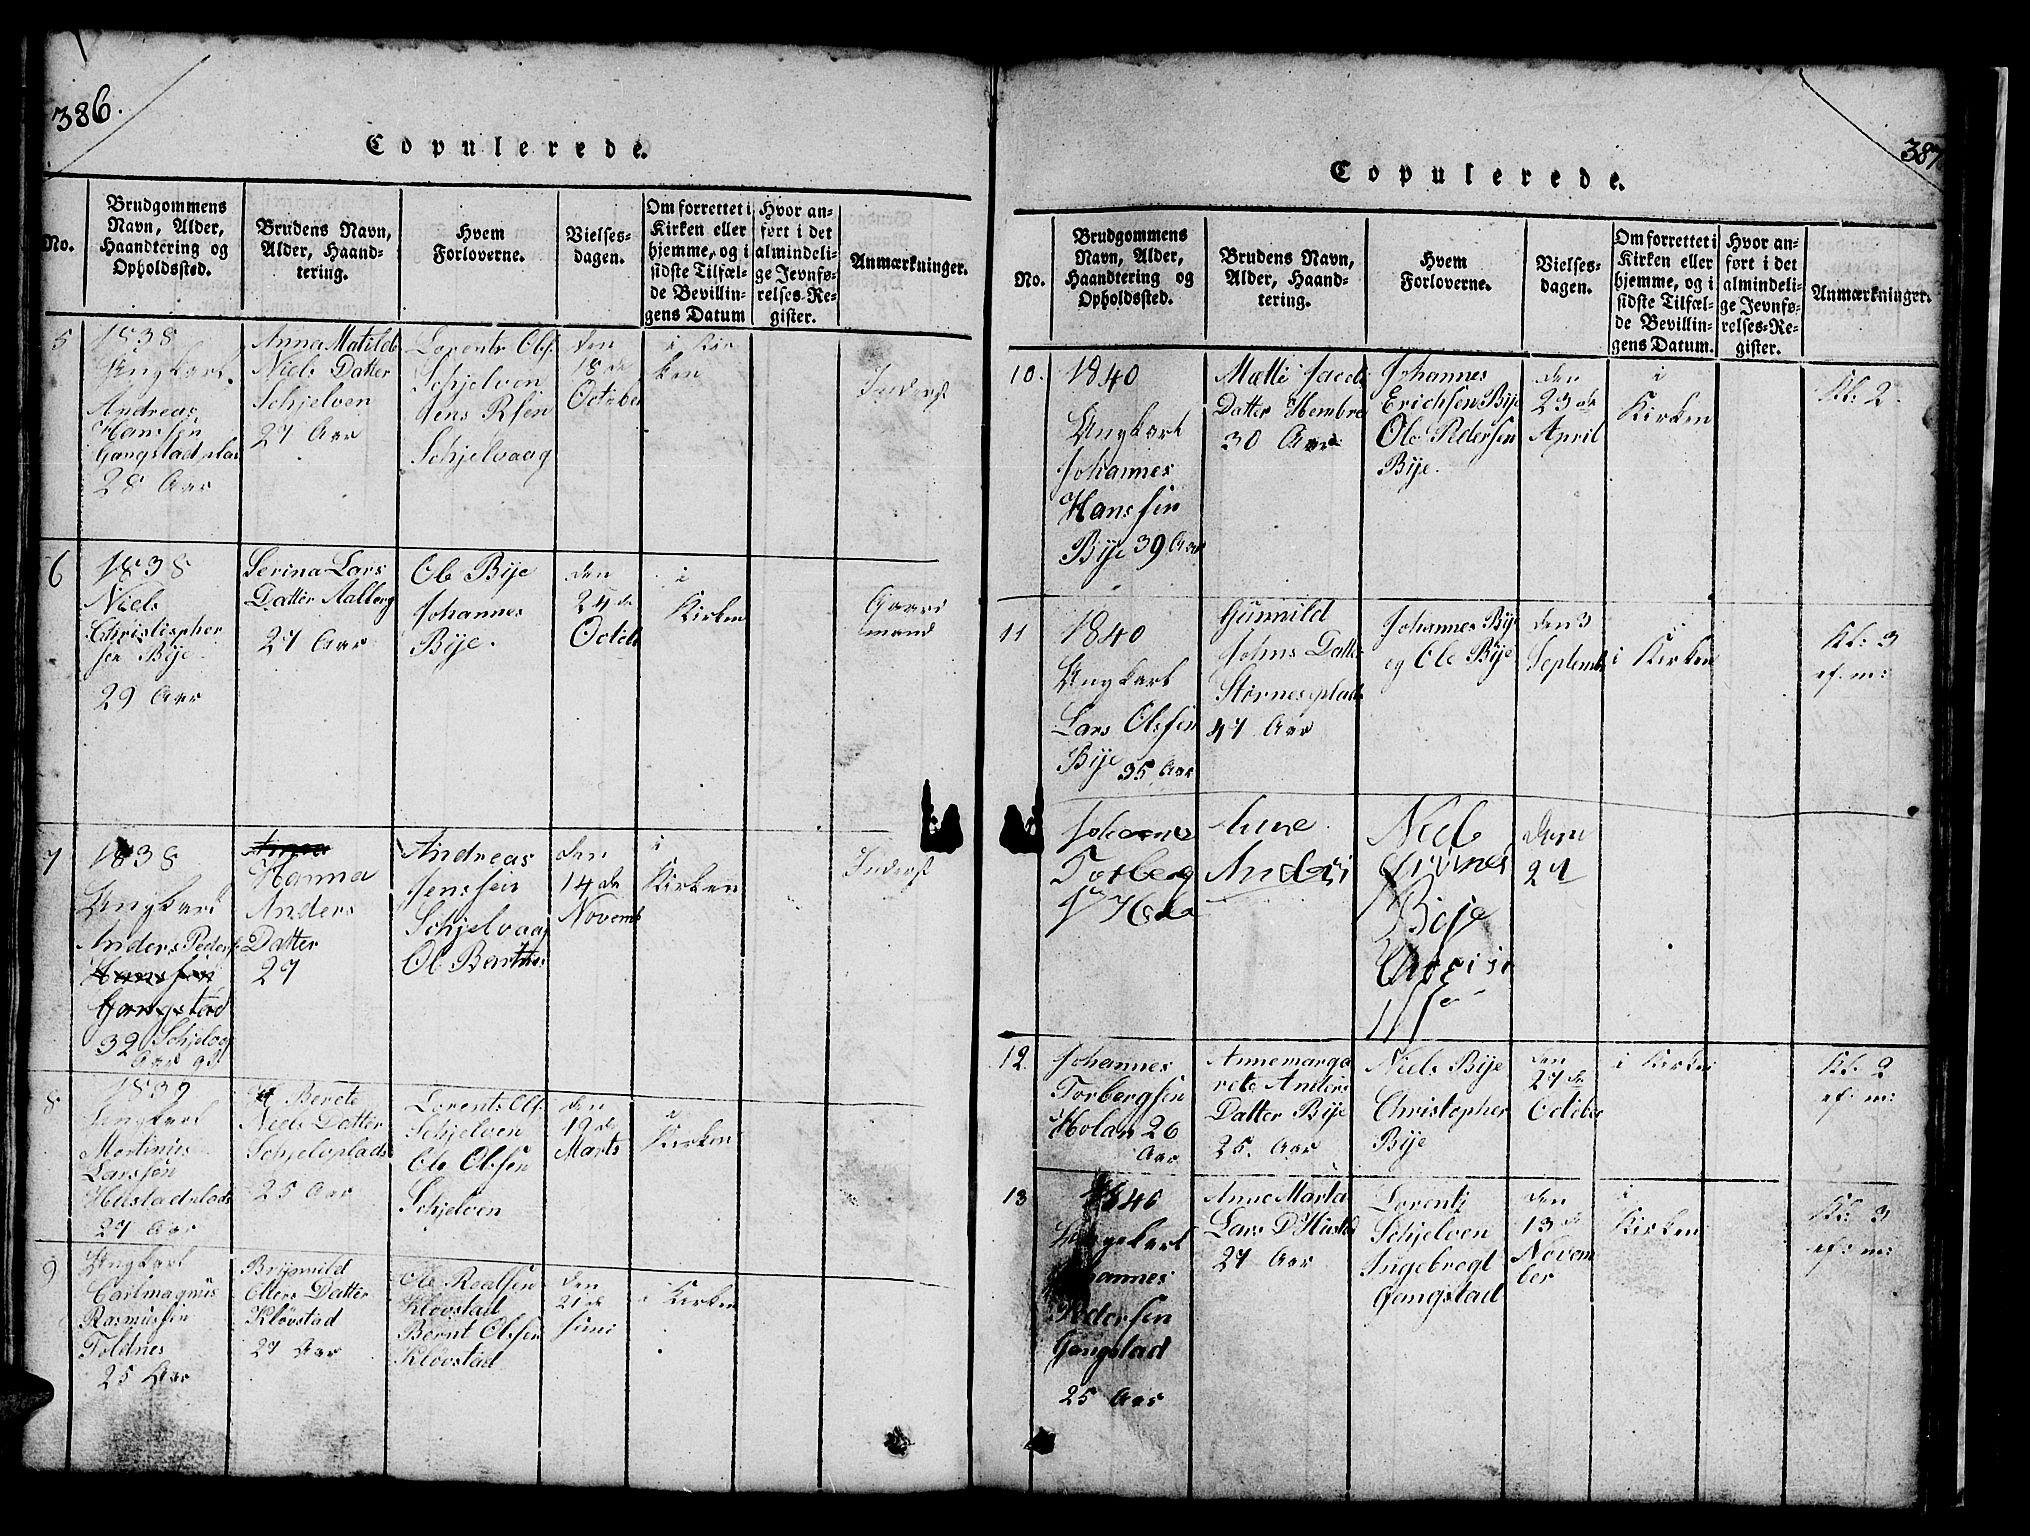 SAT, Ministerialprotokoller, klokkerbøker og fødselsregistre - Nord-Trøndelag, 732/L0317: Klokkerbok nr. 732C01, 1816-1881, s. 386-387